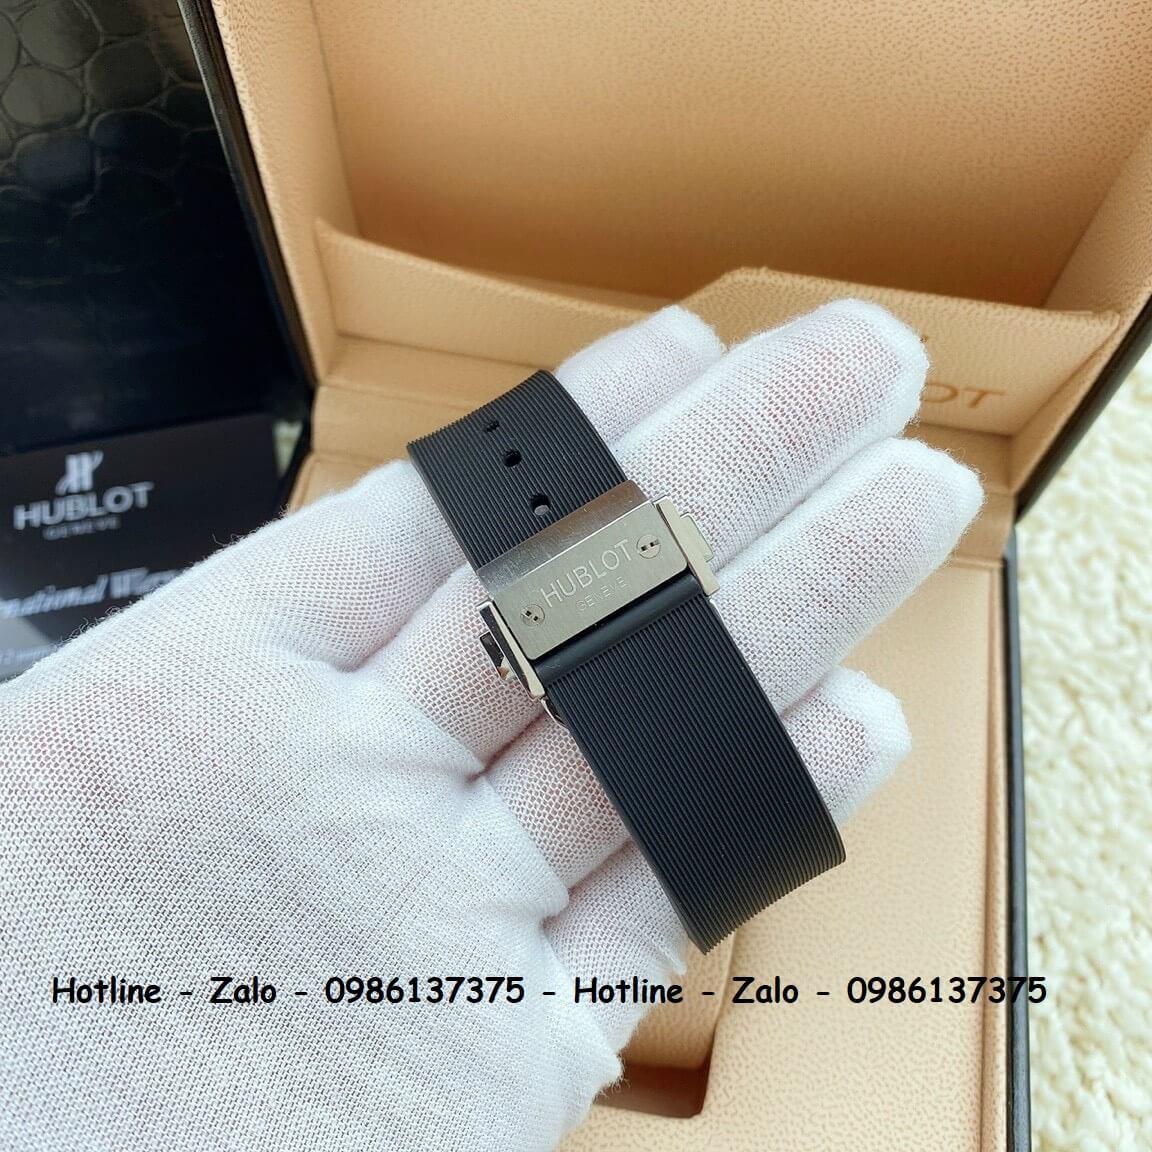 Đồng Hồ Nữ Hublot 5 Kim Dây Silicon Đen Đính Đá Silver 38mm